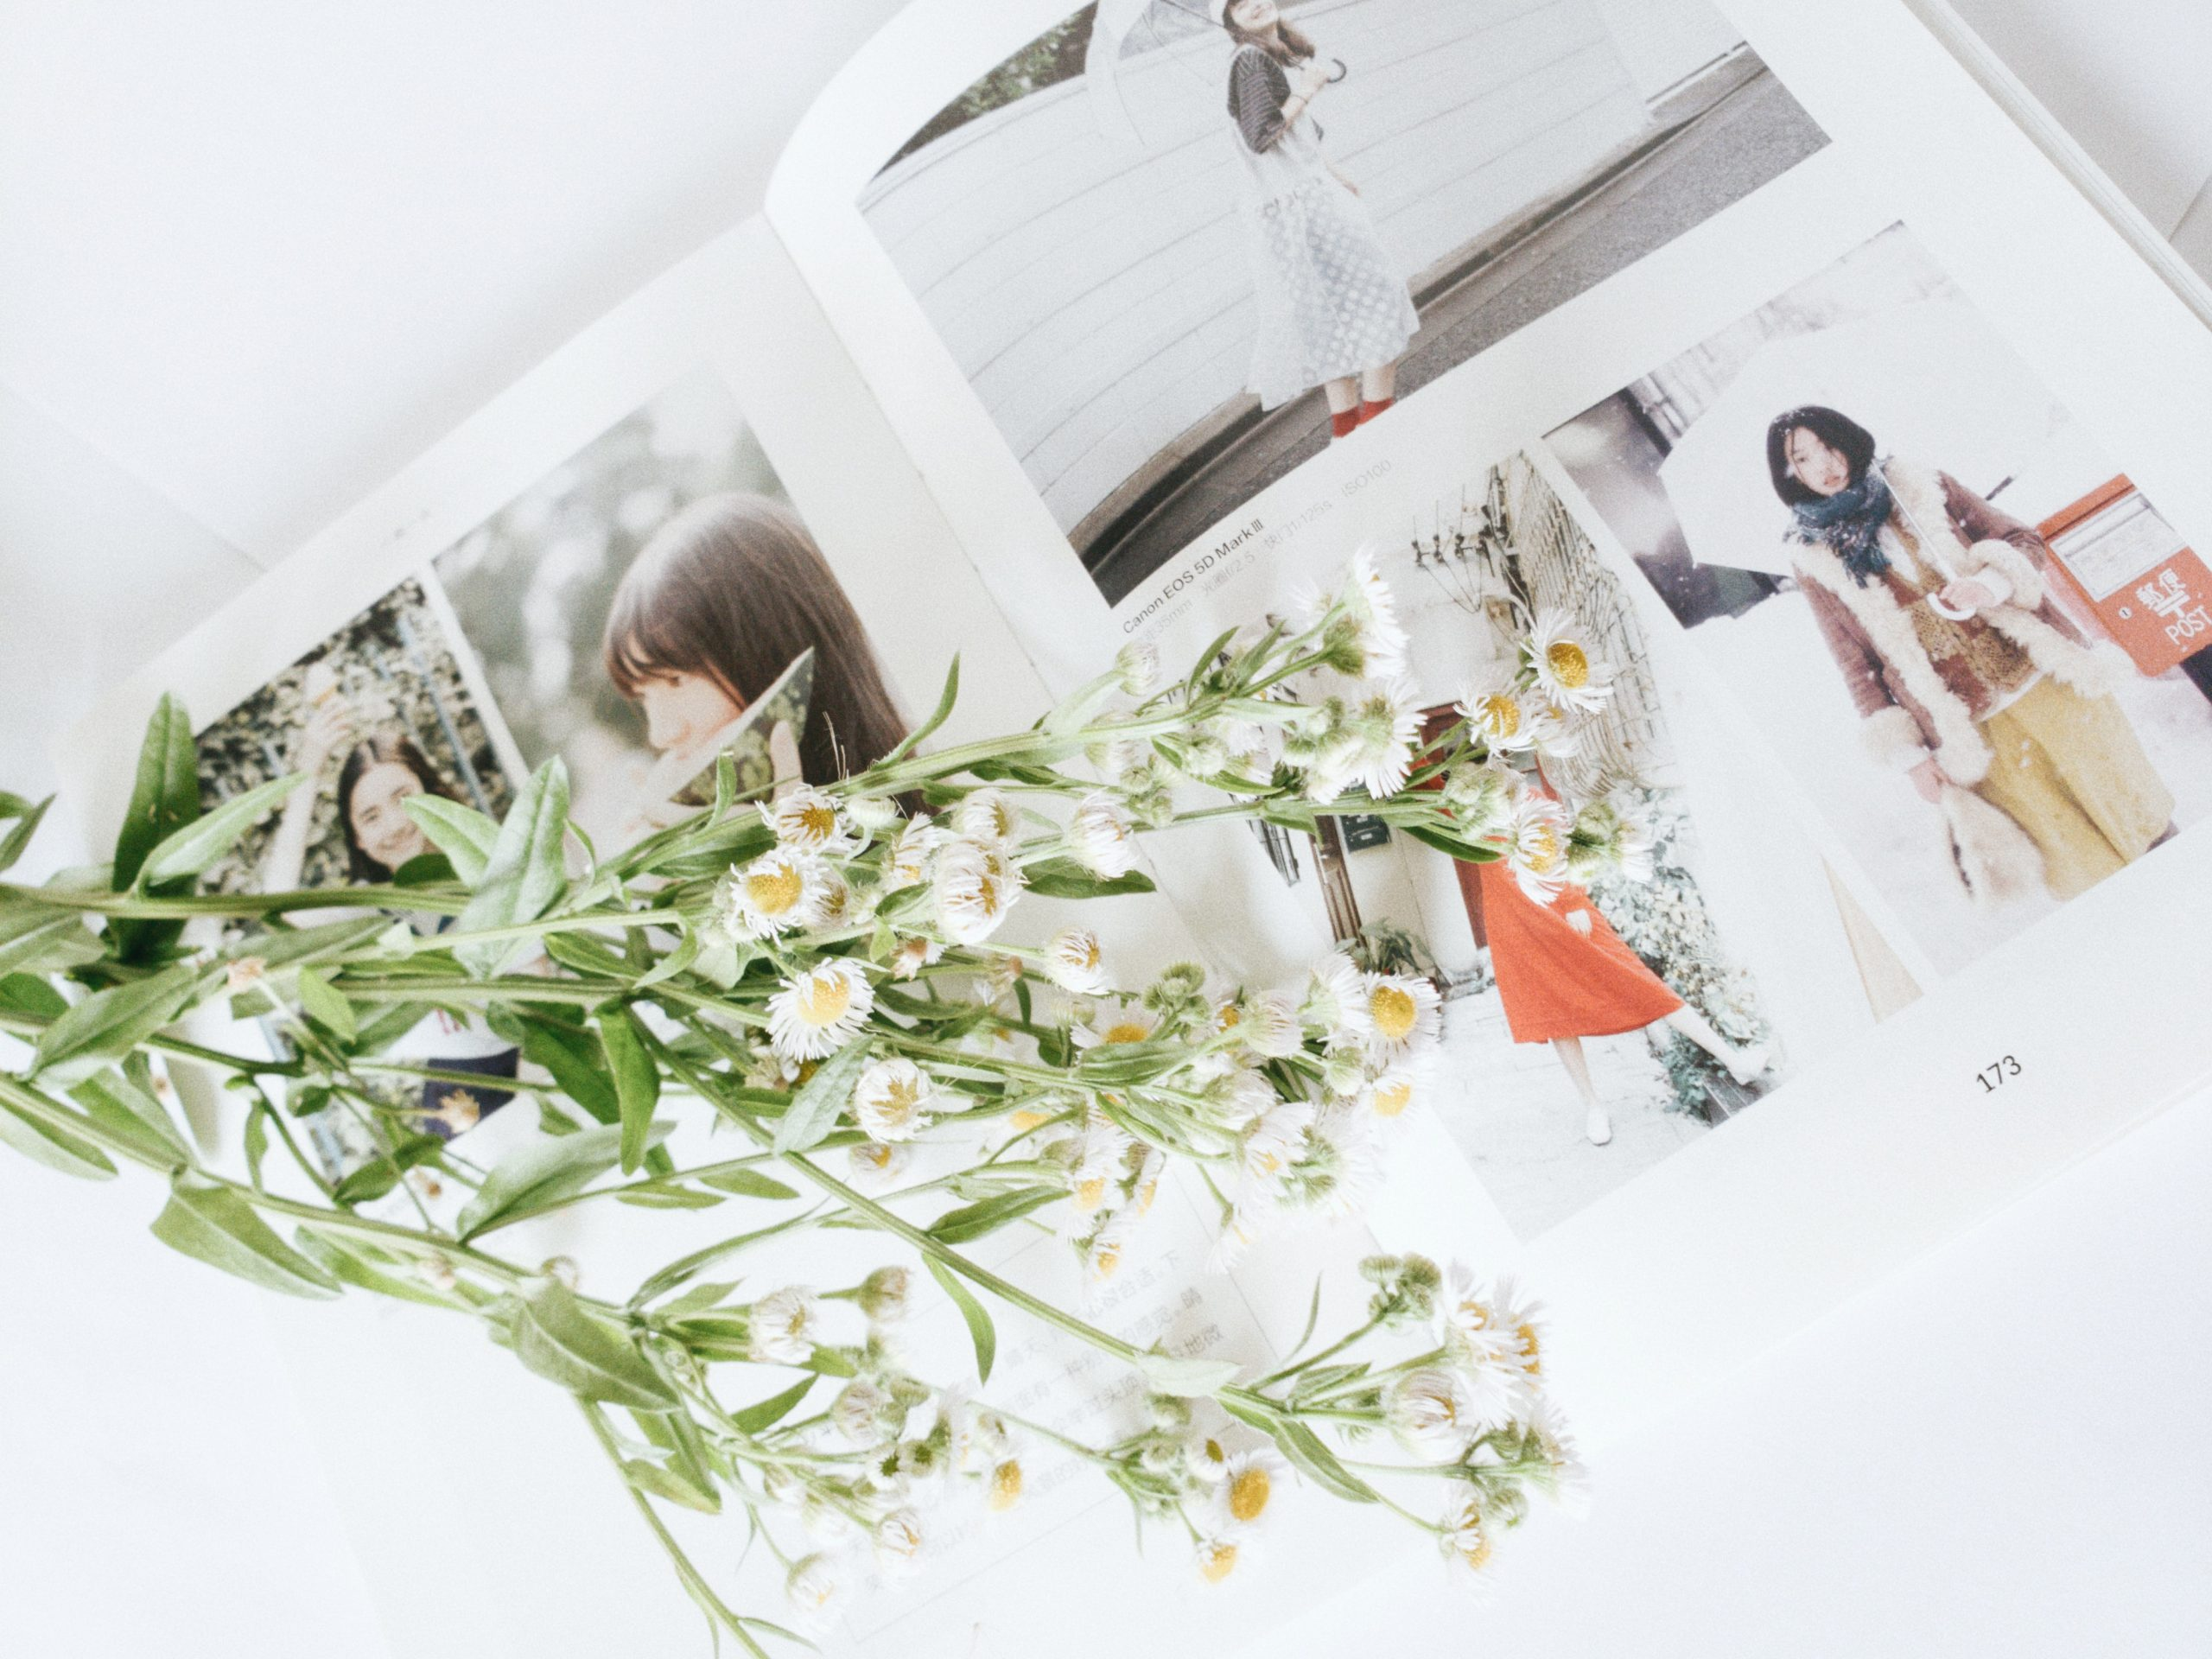 Gem de gode minder i en flot fotobog